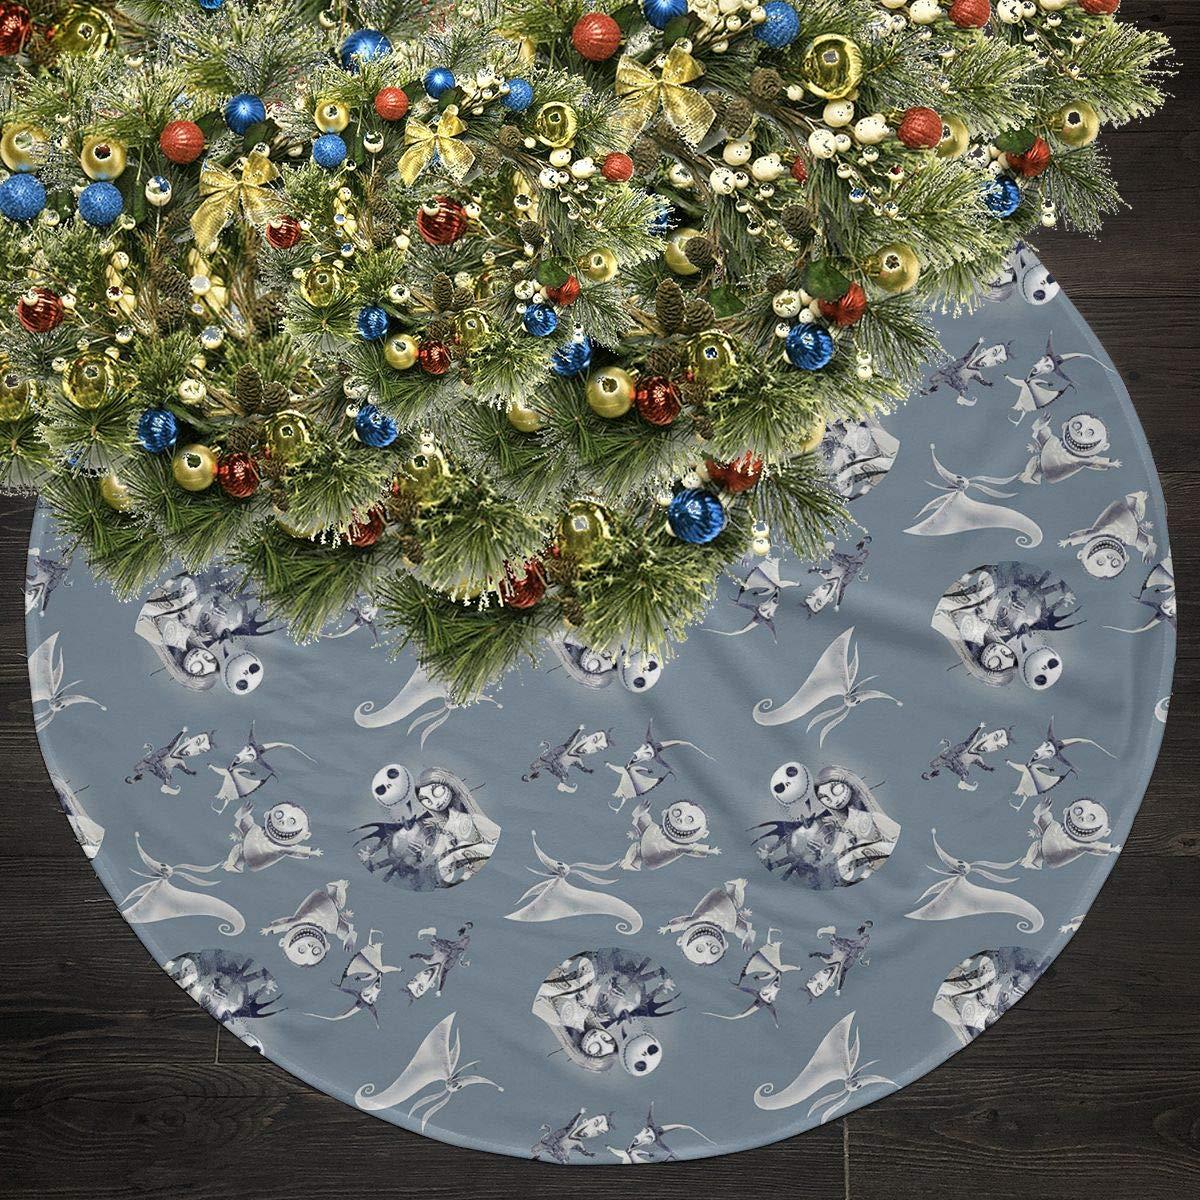 Choirfun 35 5 Merry Christmas Tree Skirt The Nightmare Before